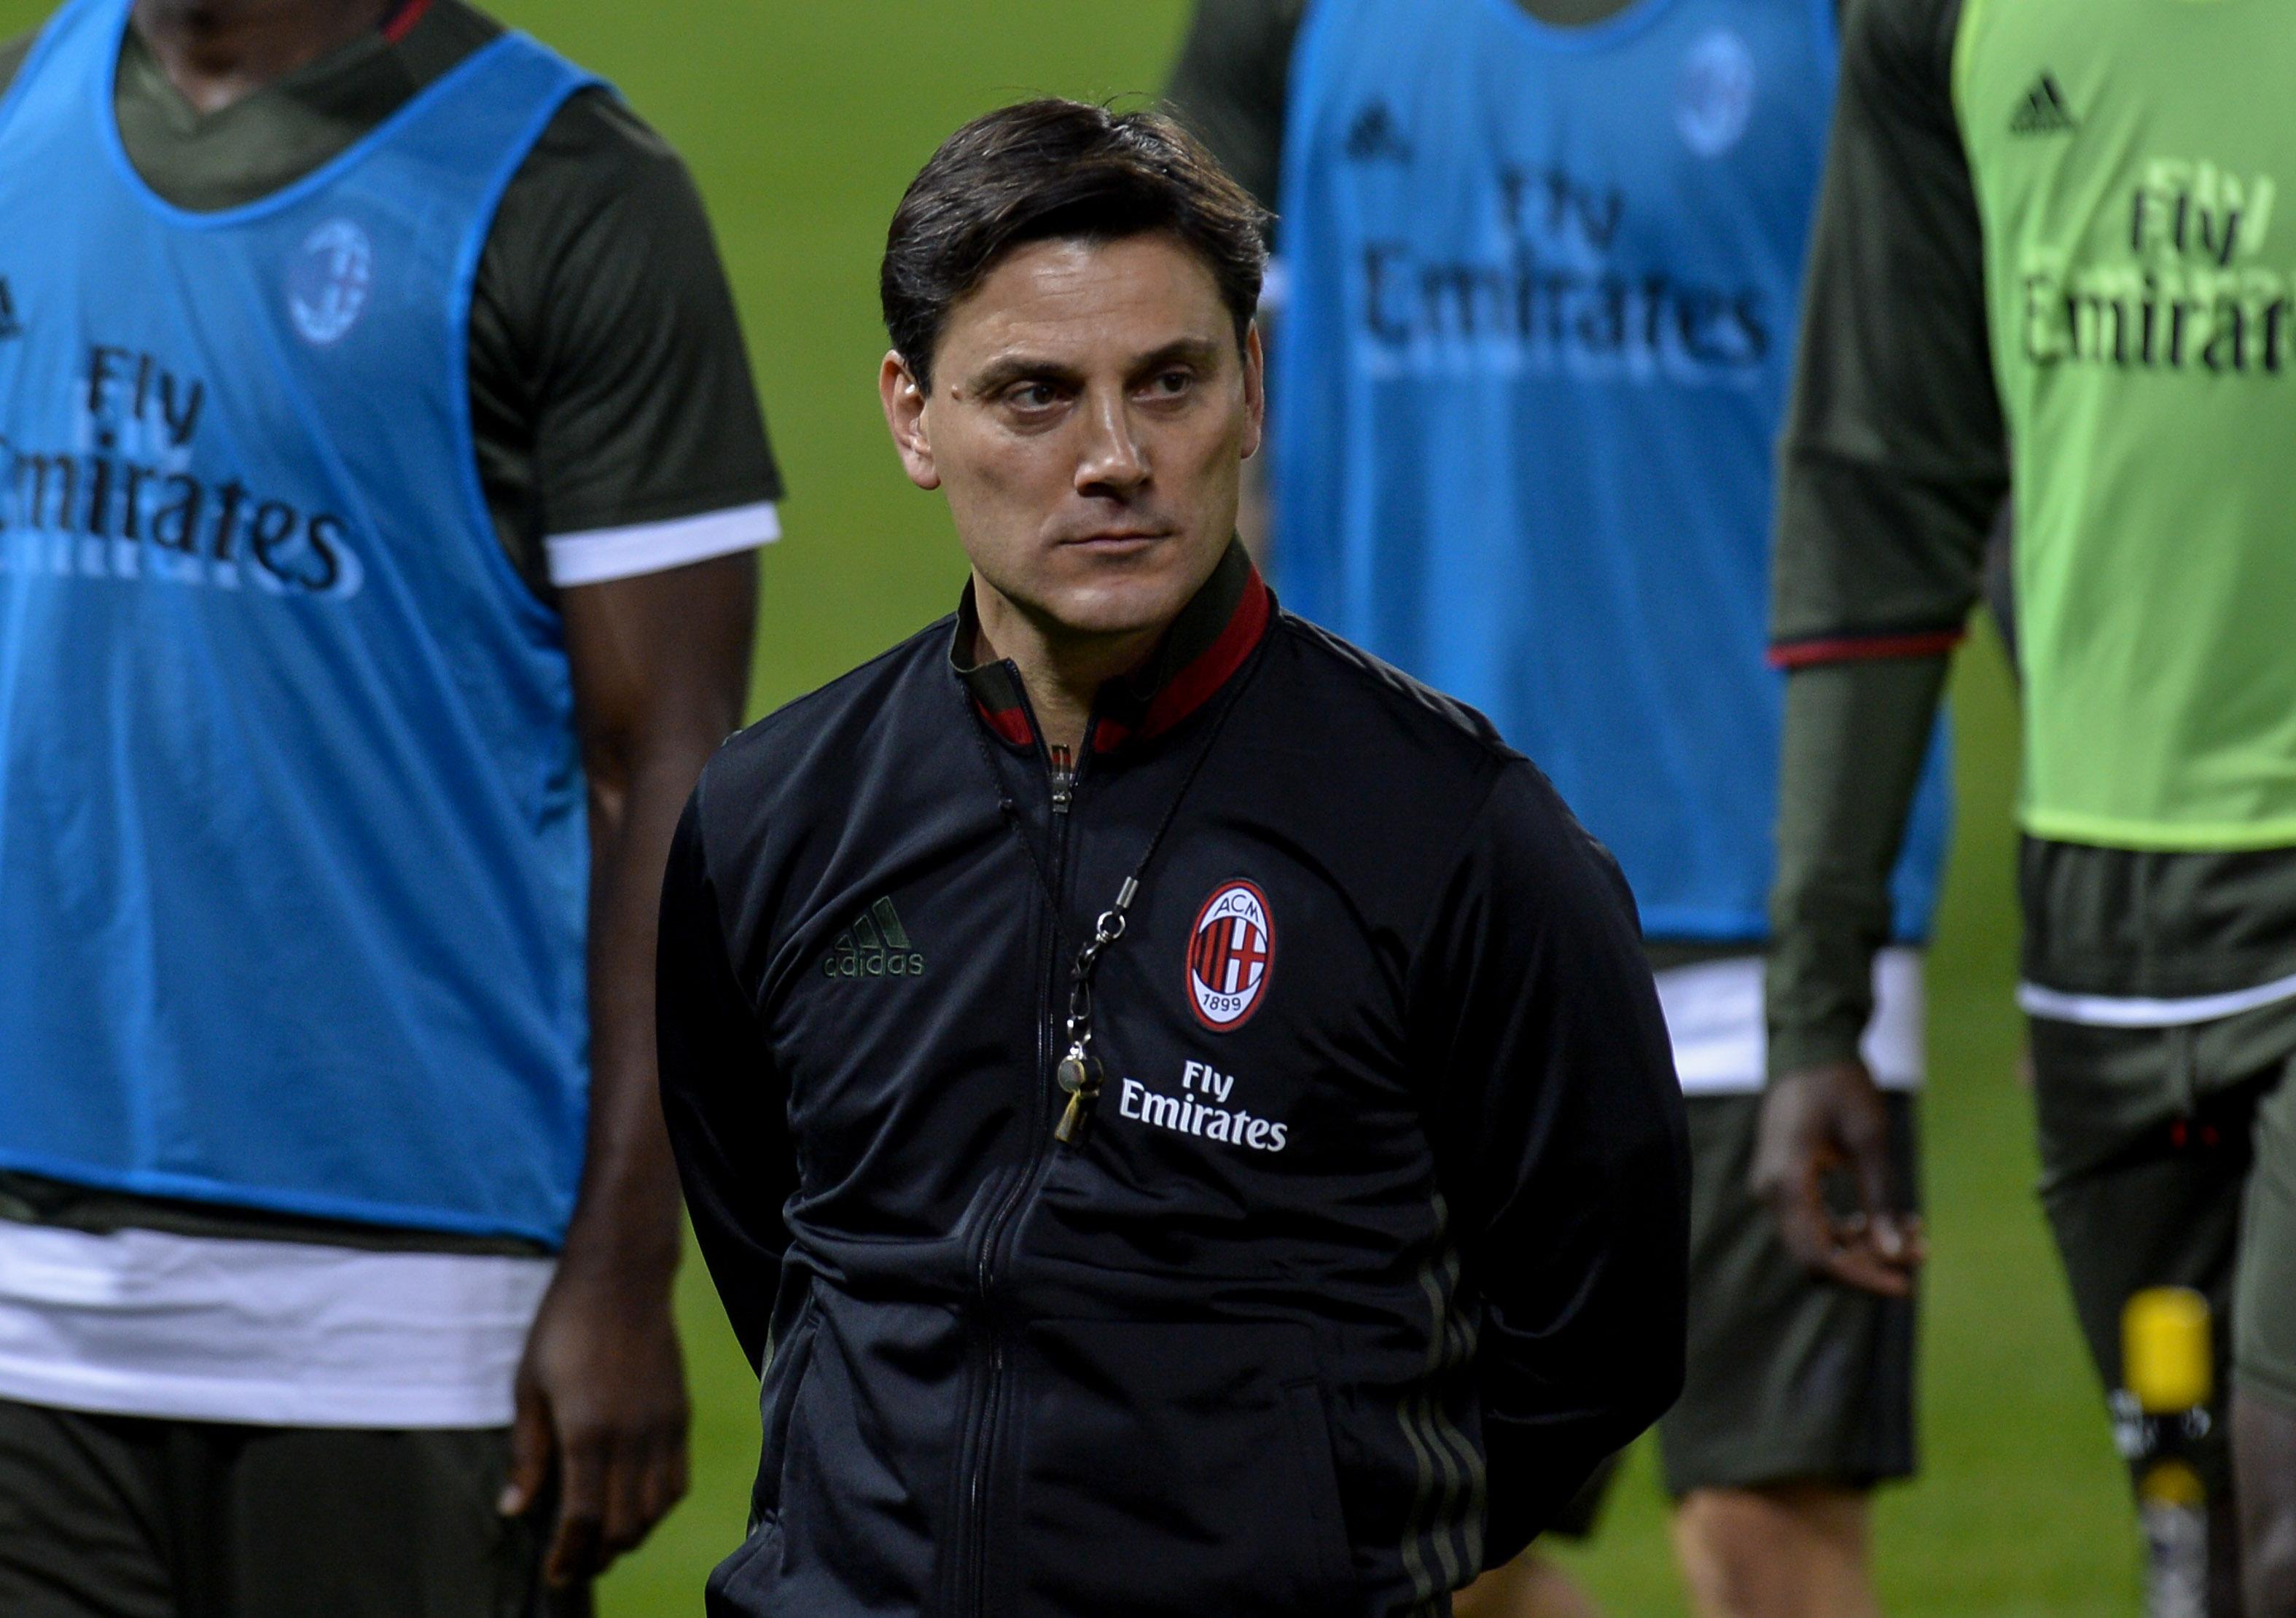 Lazio-Milan inizia con 1 ora di ritardo: fischio d'inizio previsto per le 16